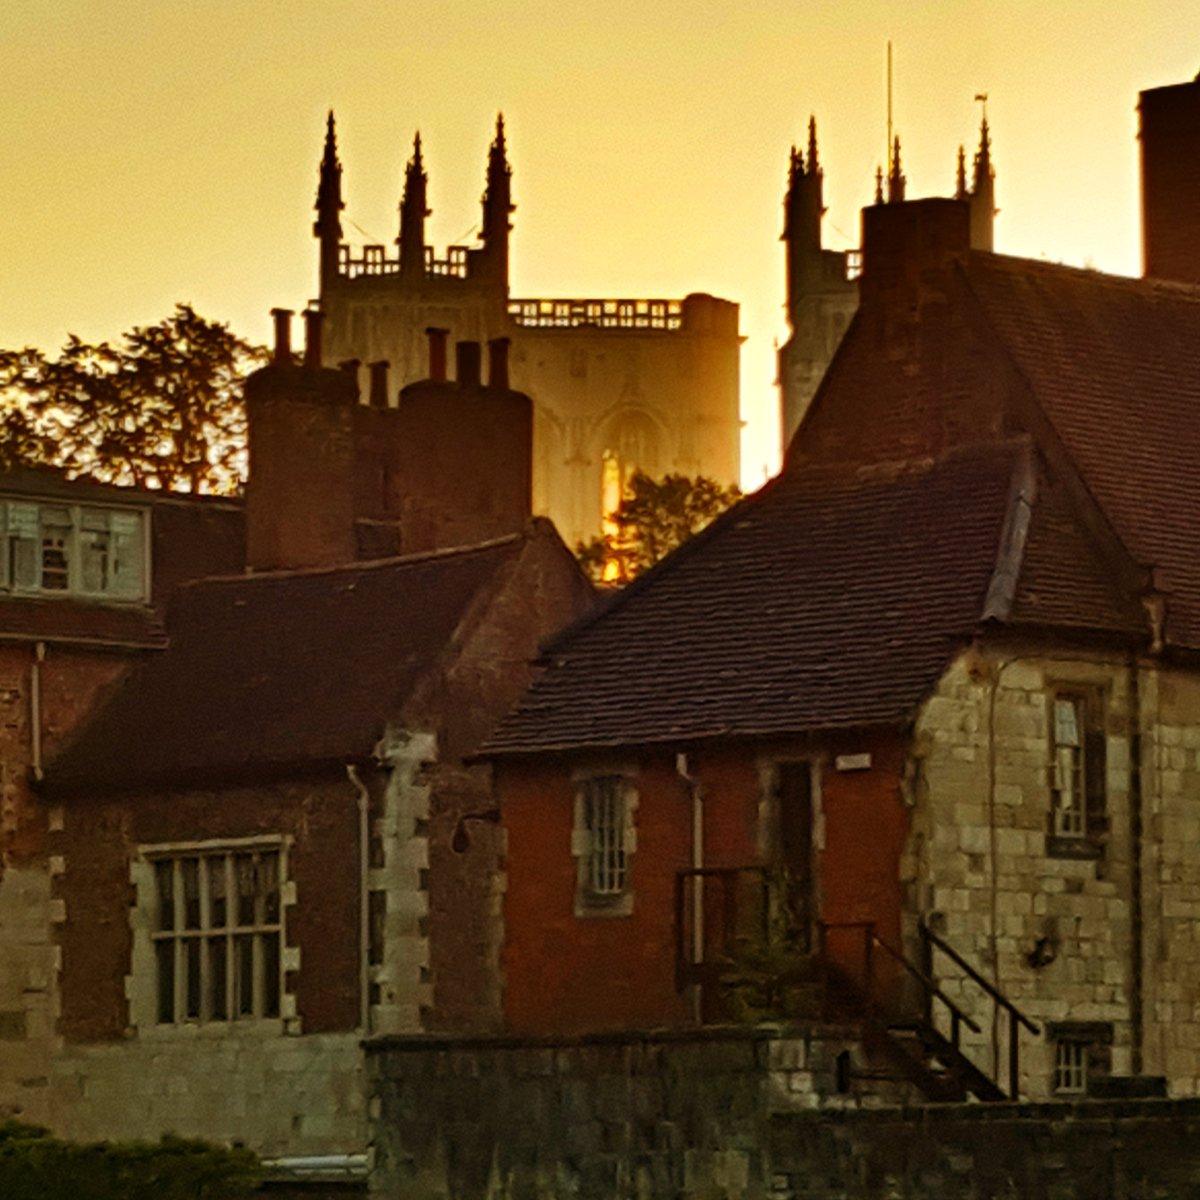 Sun highlighting the windows of York Minster&#39;s central tower.  #Sunrise #Daybreak #YorkMinster #York #NorthYorkshire #VisitYork #BandBLife<br>http://pic.twitter.com/HDPOvrYdcF